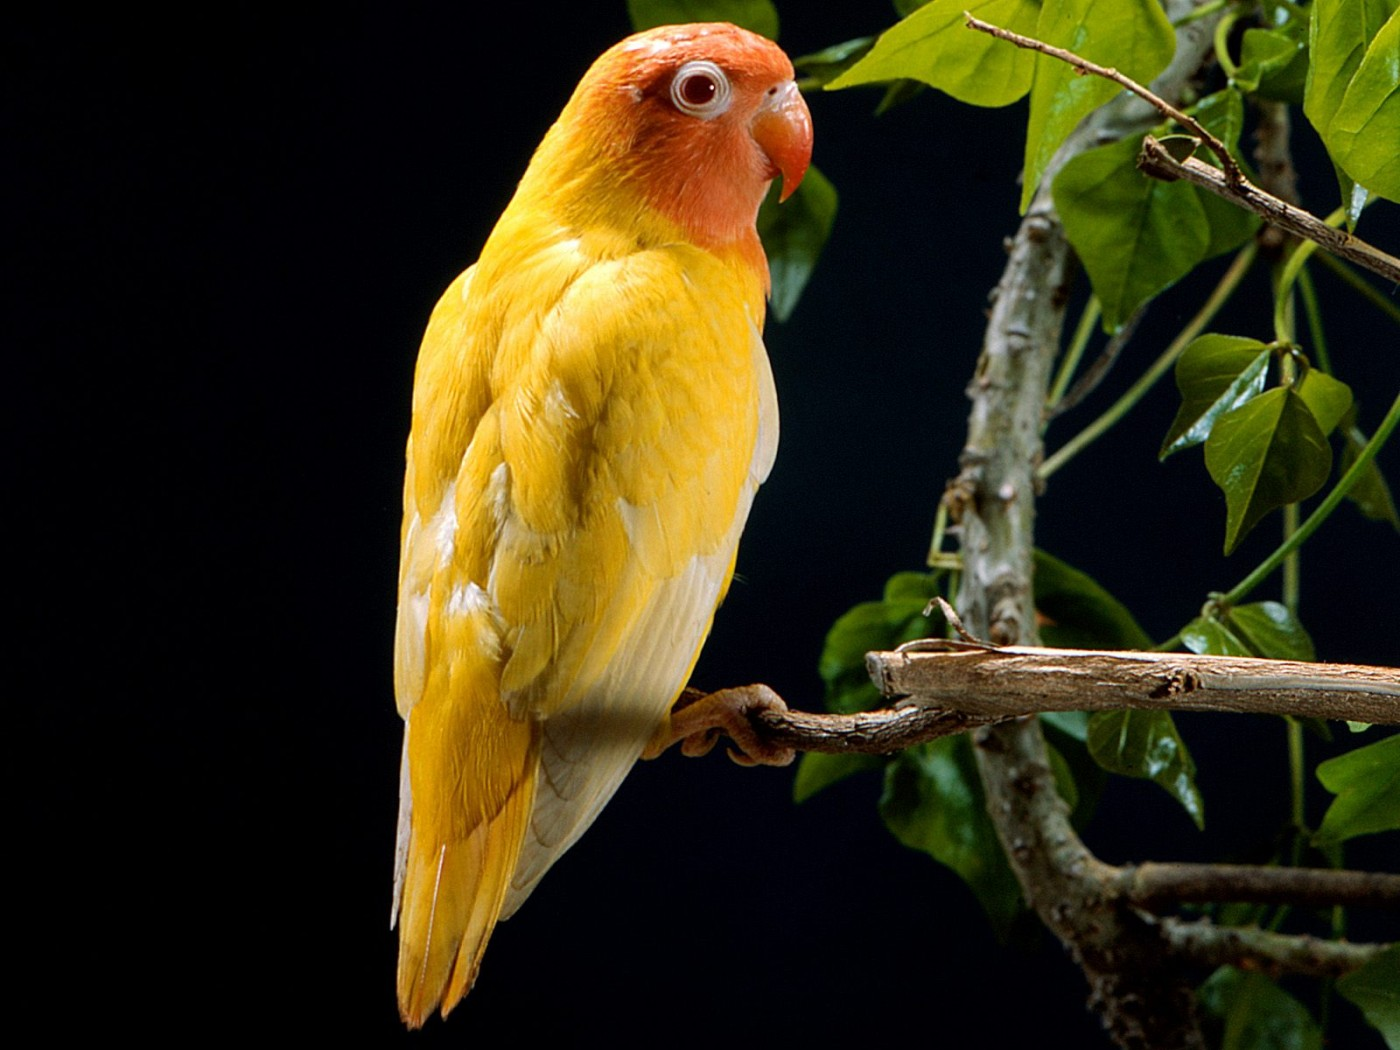 желтый попугай, скачать фото, обои на рабочий стол